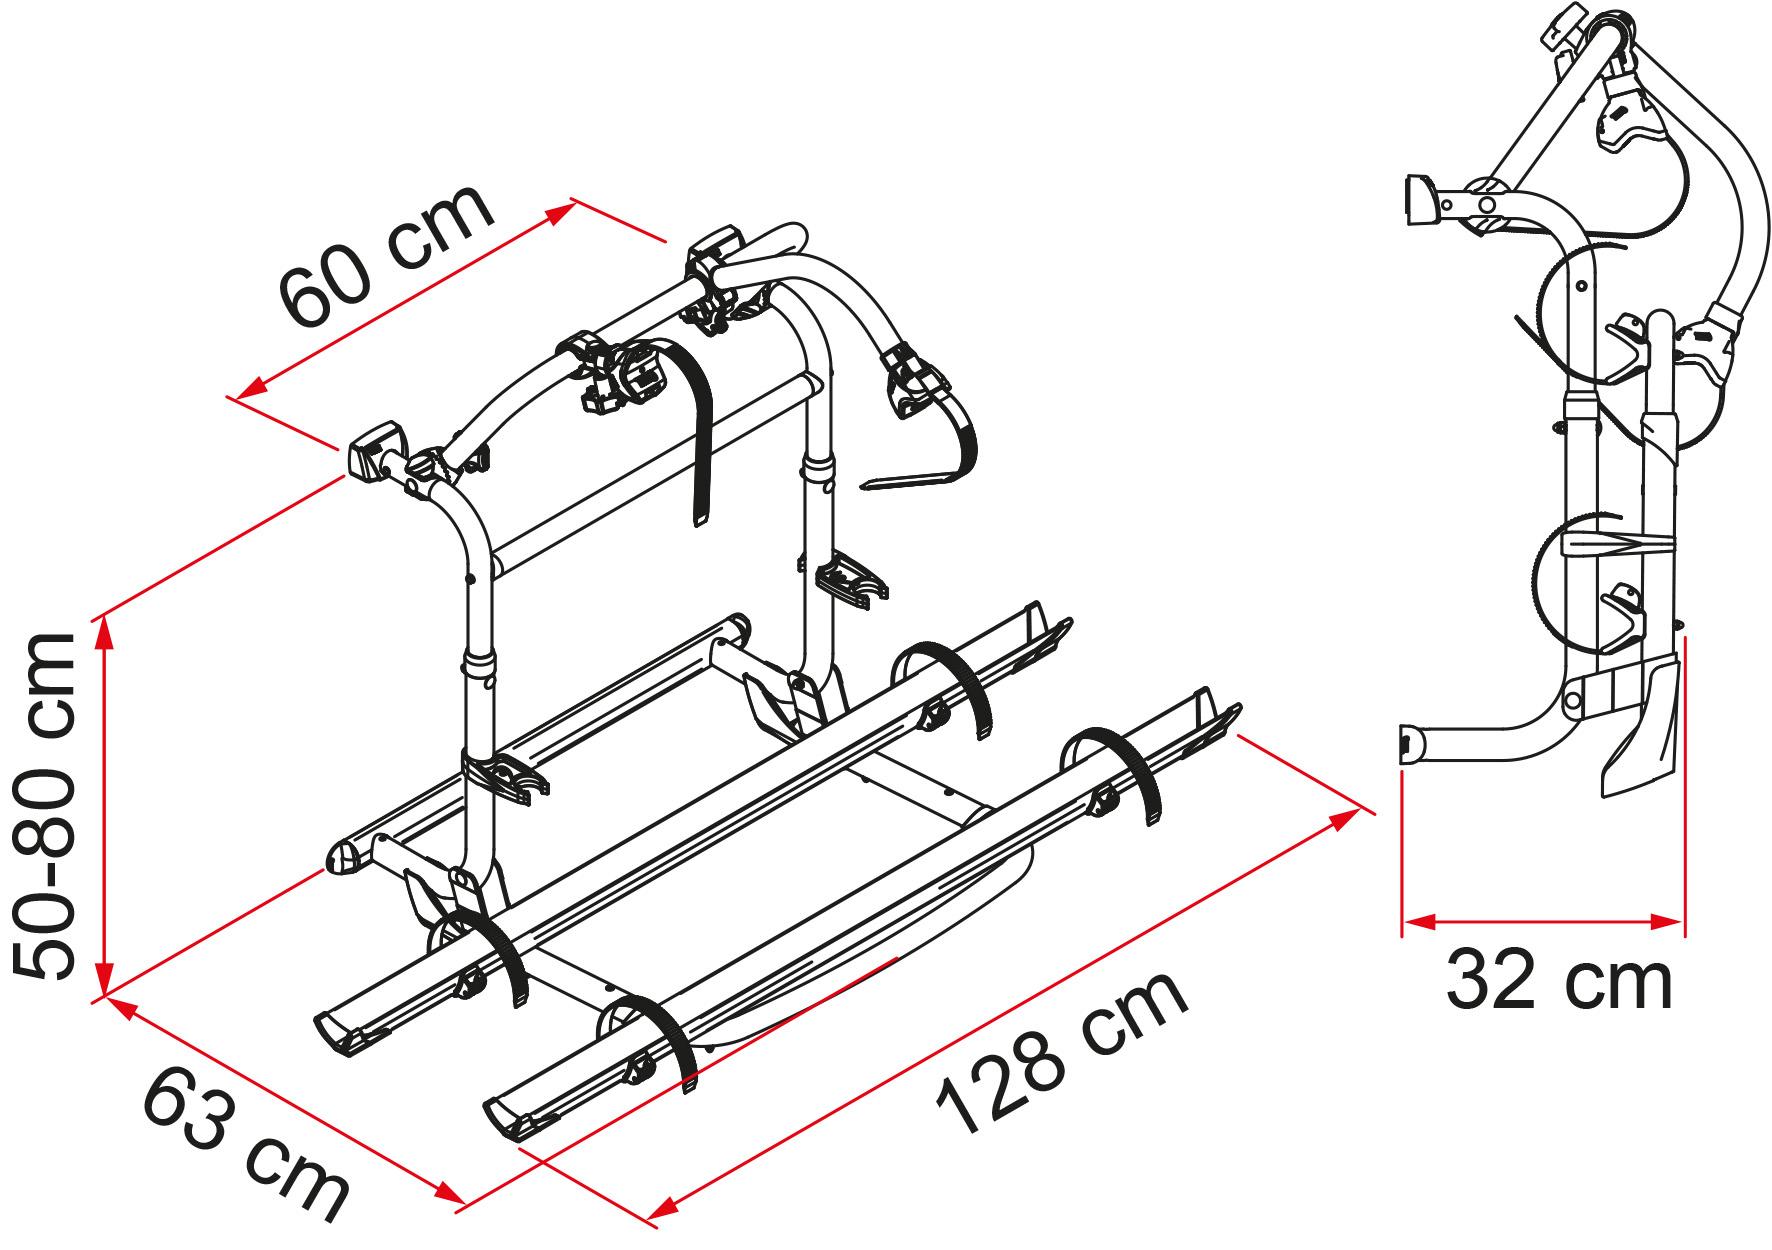 hight resolution of el carry bike pro c se puede instalar en todas las marcas de autocaravanas es recomendado por expertos en el campo porque es el portabicicletas ideal para